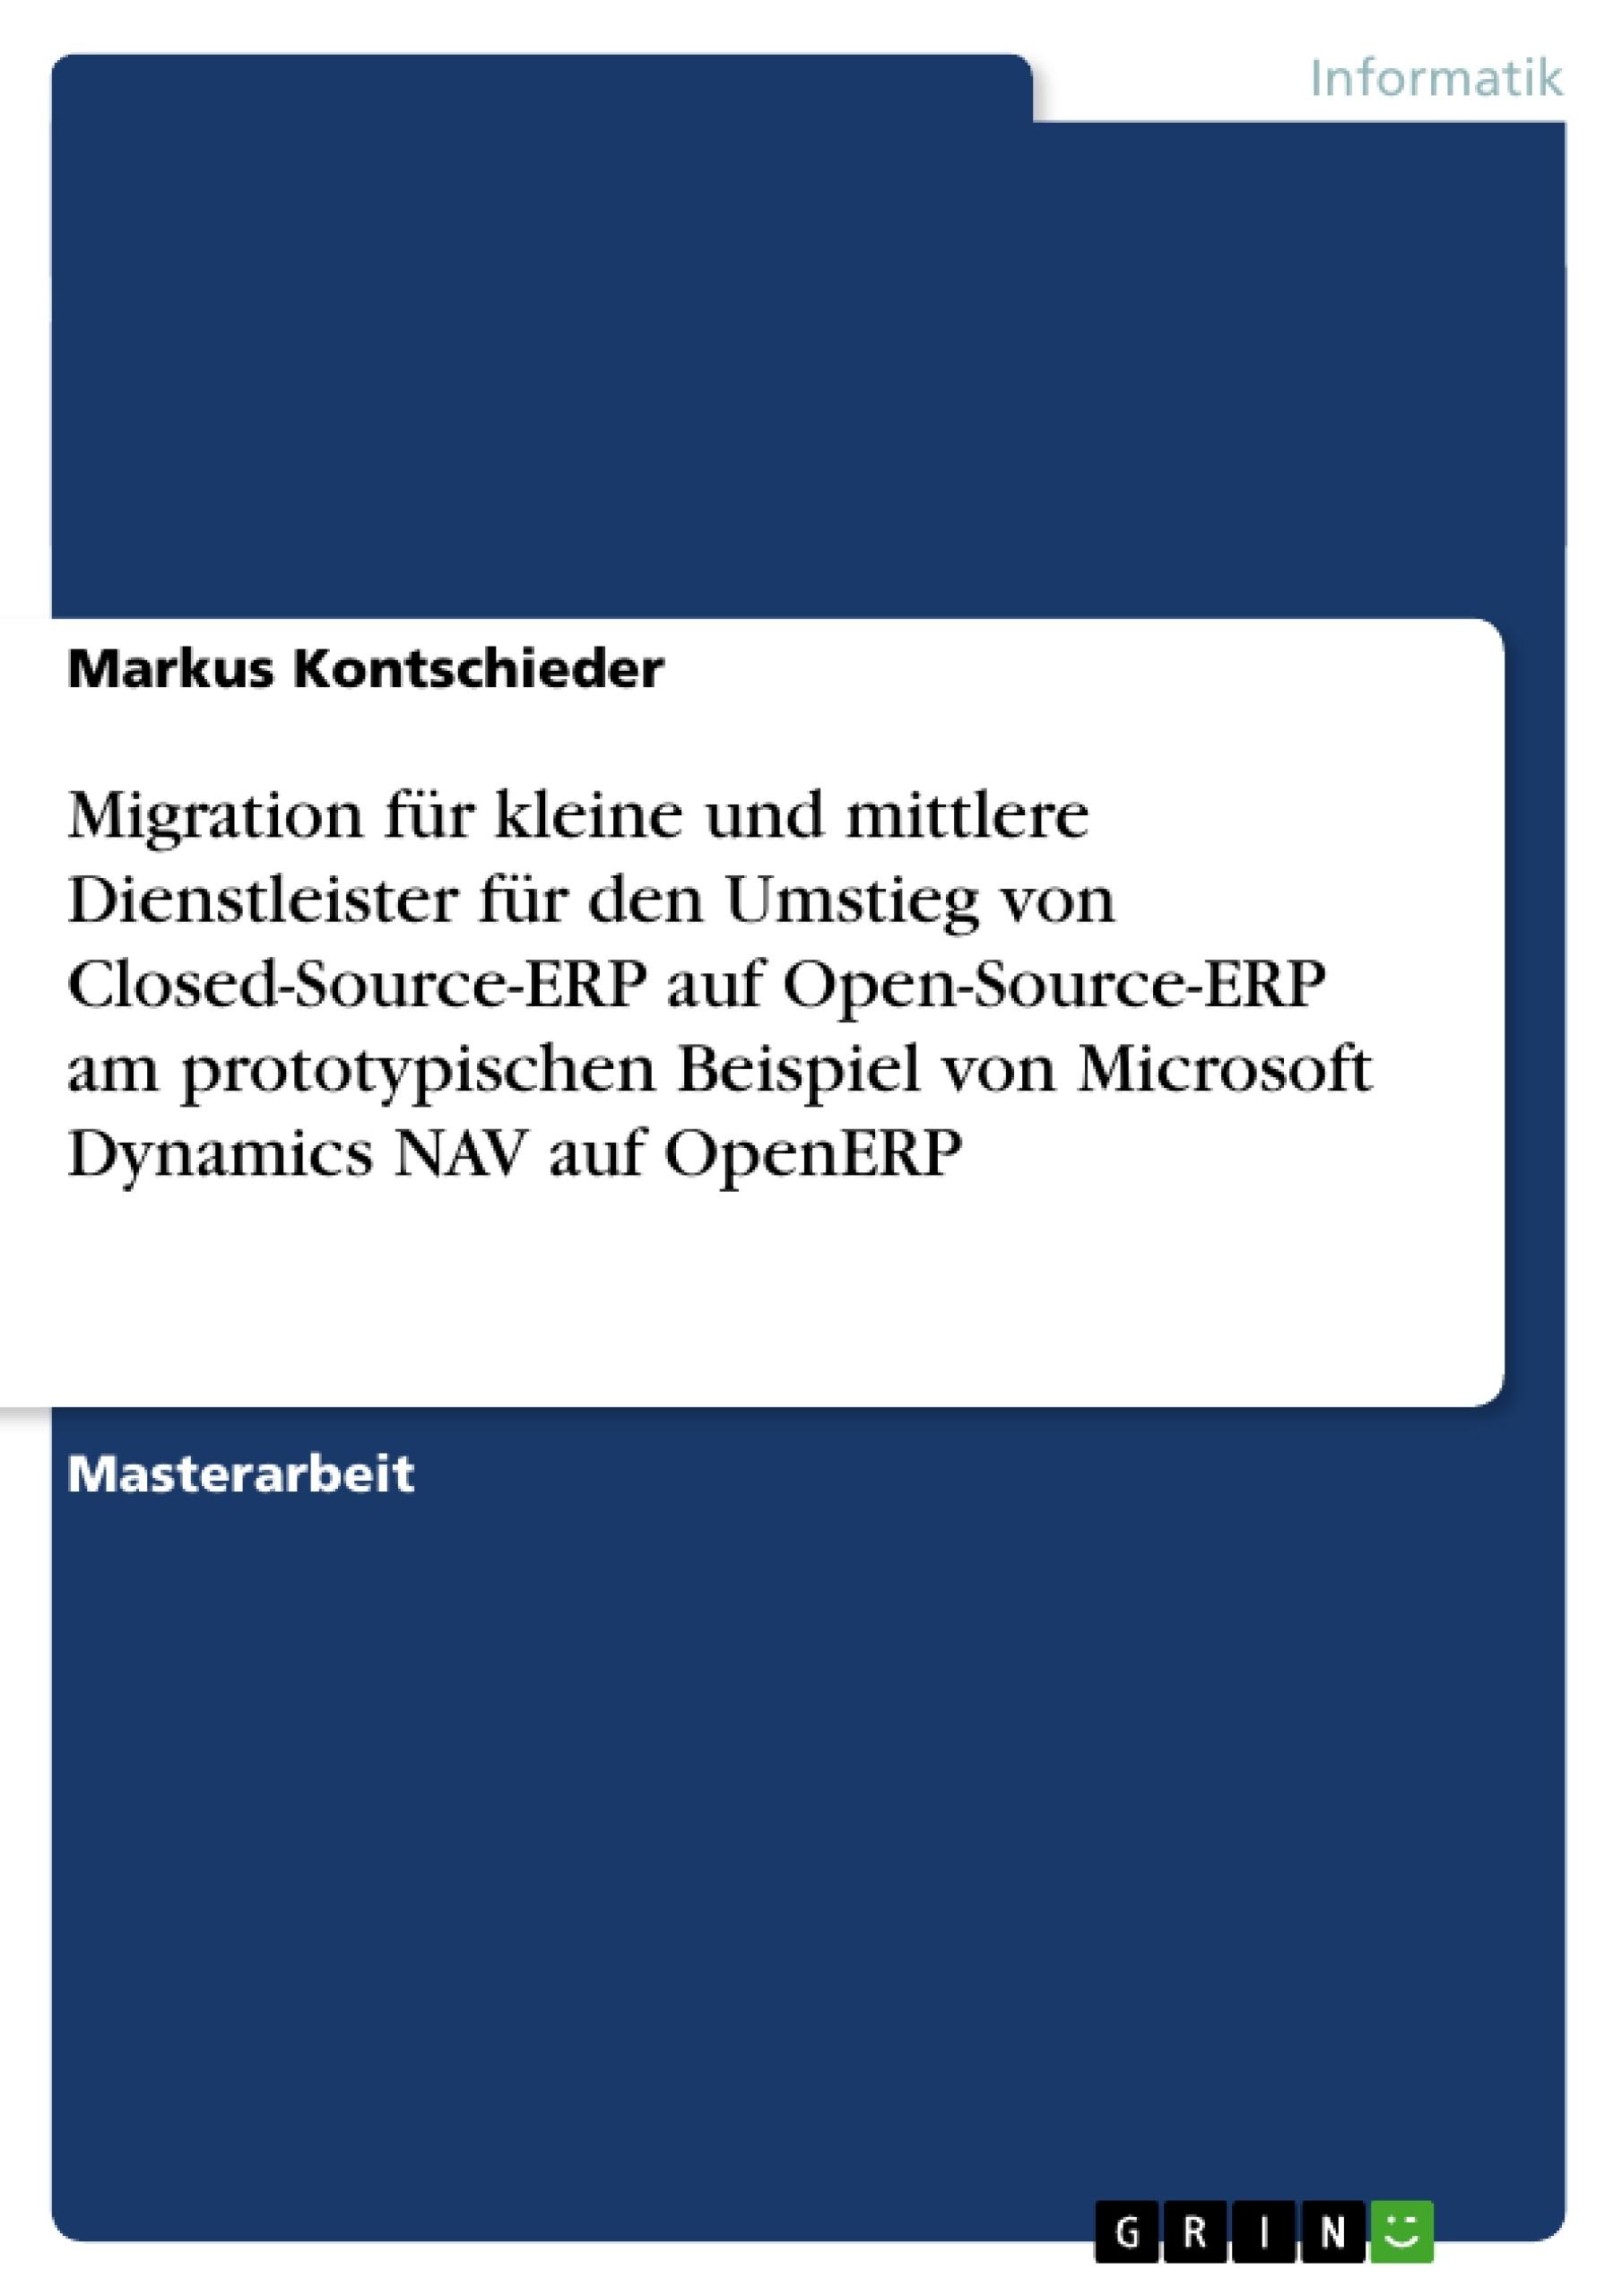 Titel: Migration für kleine und mittlere Dienstleister für den Umstieg von Closed-Source-ERP auf Open-Source-ERP am prototypischen Beispiel von Microsoft Dynamics NAV auf OpenERP